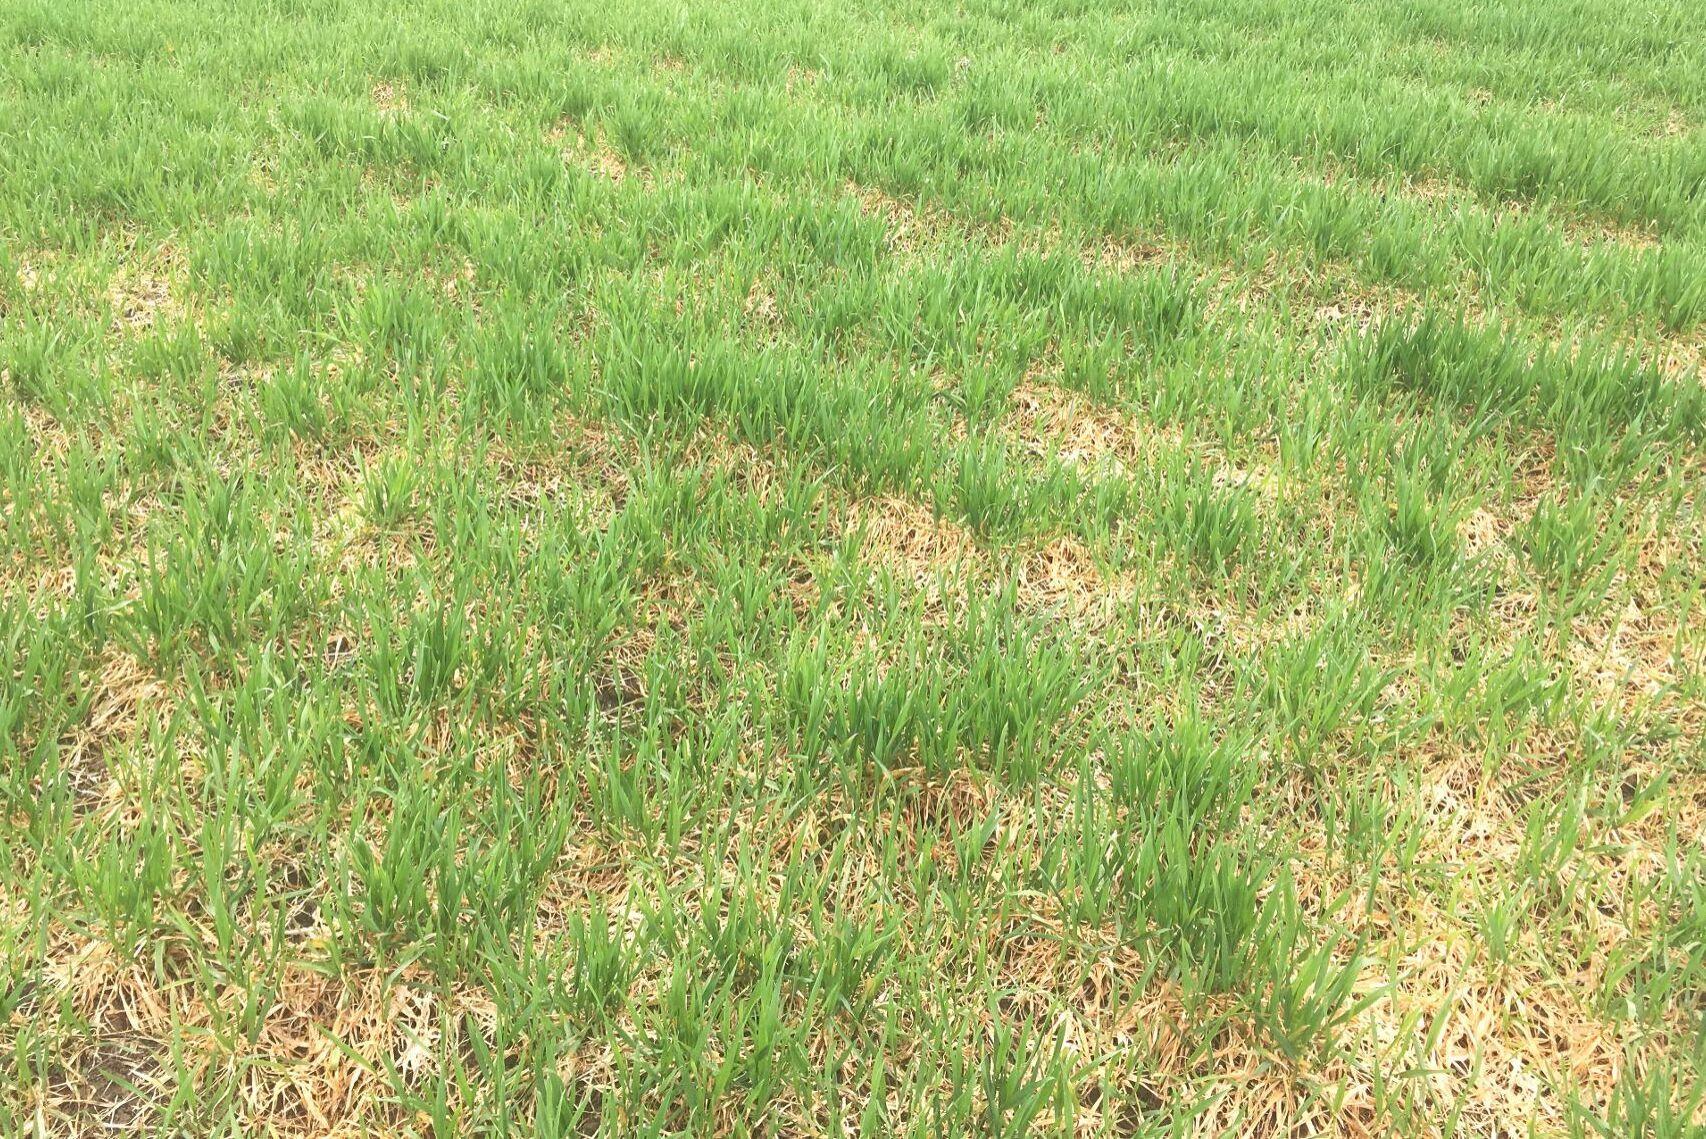 Tidig sådd kan gynna svampsjukdomar eftersom bestånden ofta blir frodiga. Bilden visar angrepp av snömögel på våren i höstvete sått i augusti.